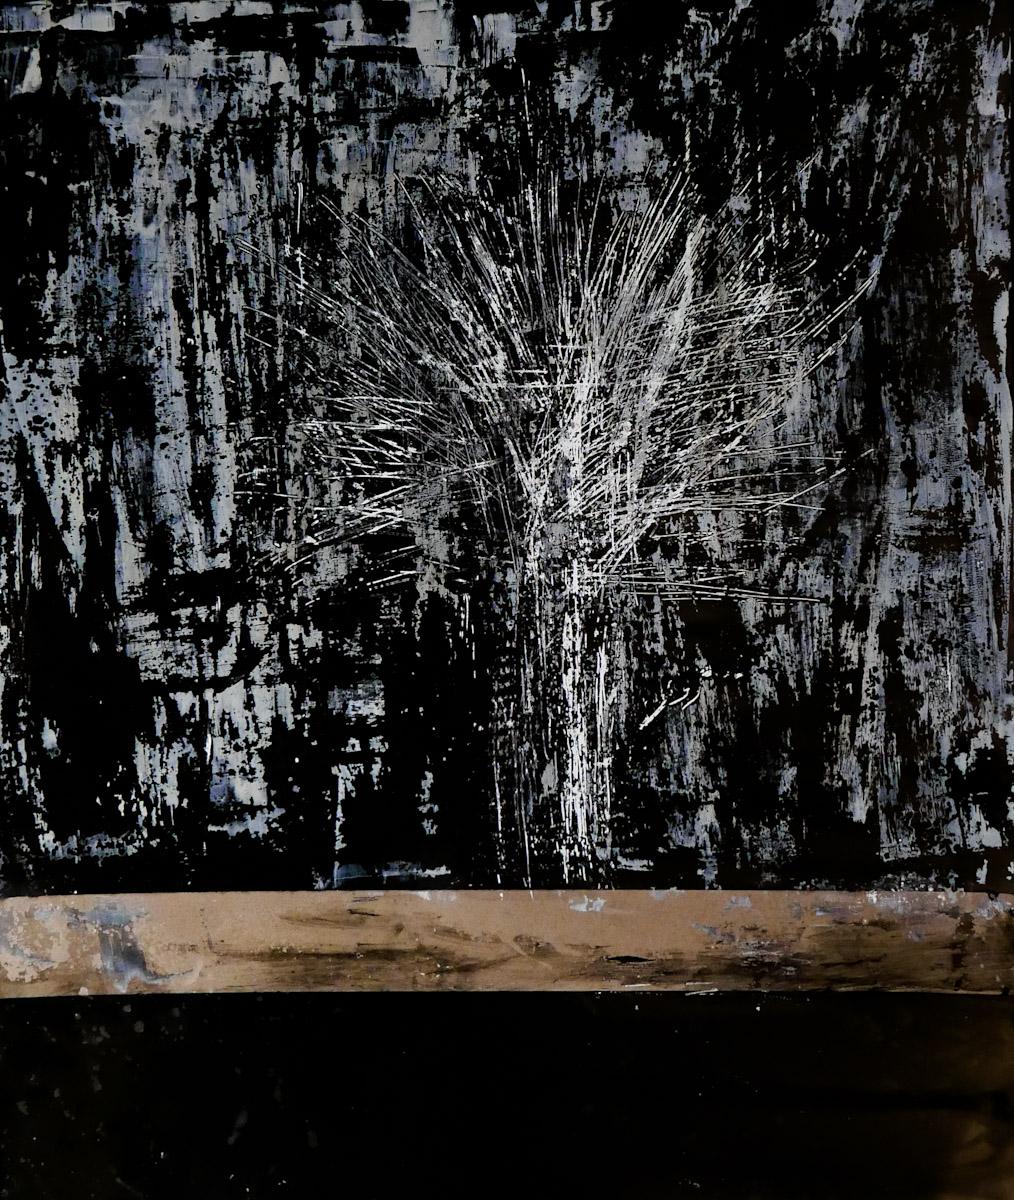 tree #4 - graffi e colore ad olio su carta fotografica analogica